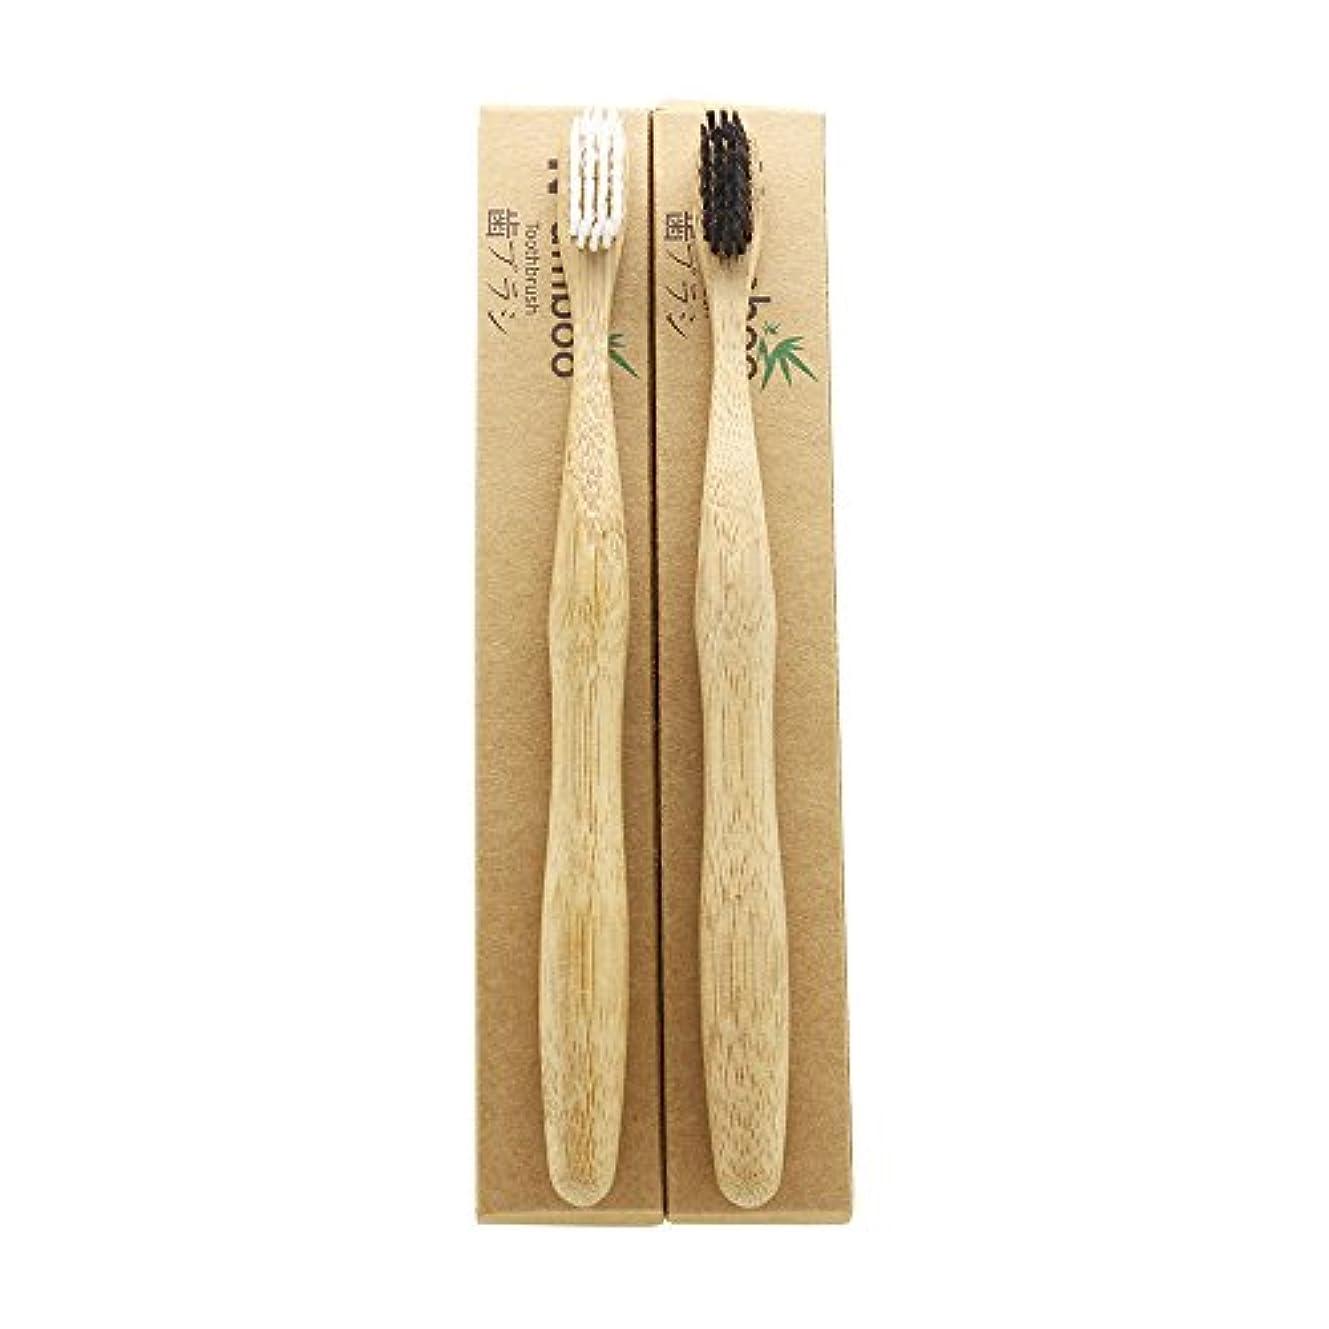 踊り子収縮勢いN-amboo 竹製 歯ブラシ 高耐久性 白と黒 セット エコ (2本)